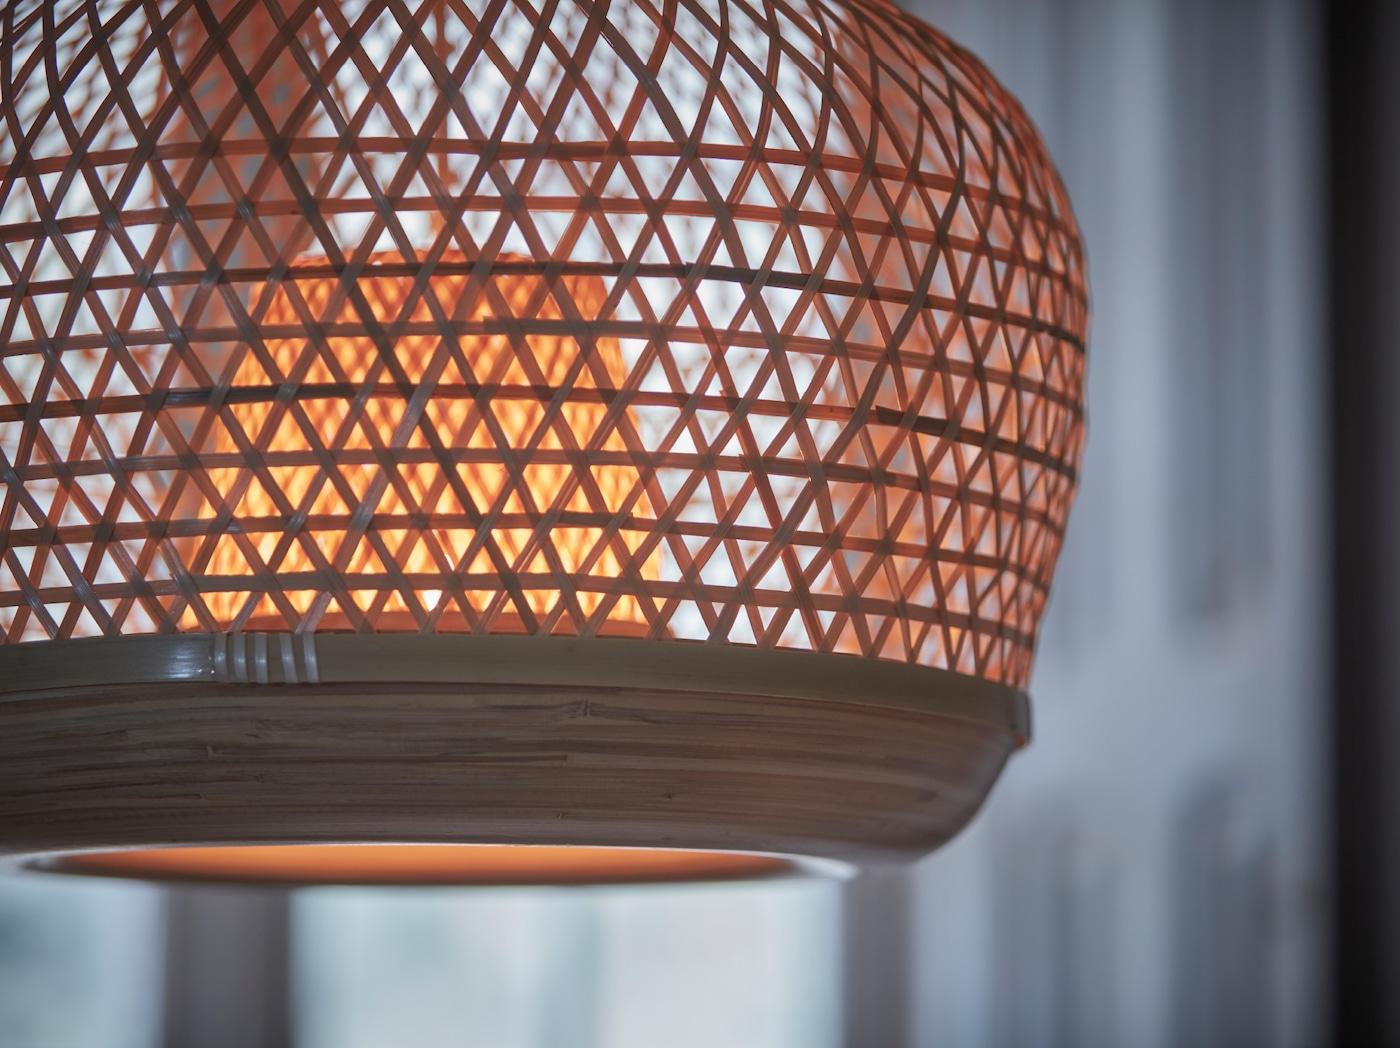 Dettaglio di una lampada a sospensione MISTERHULT fatta a mano in bambù - IKEA